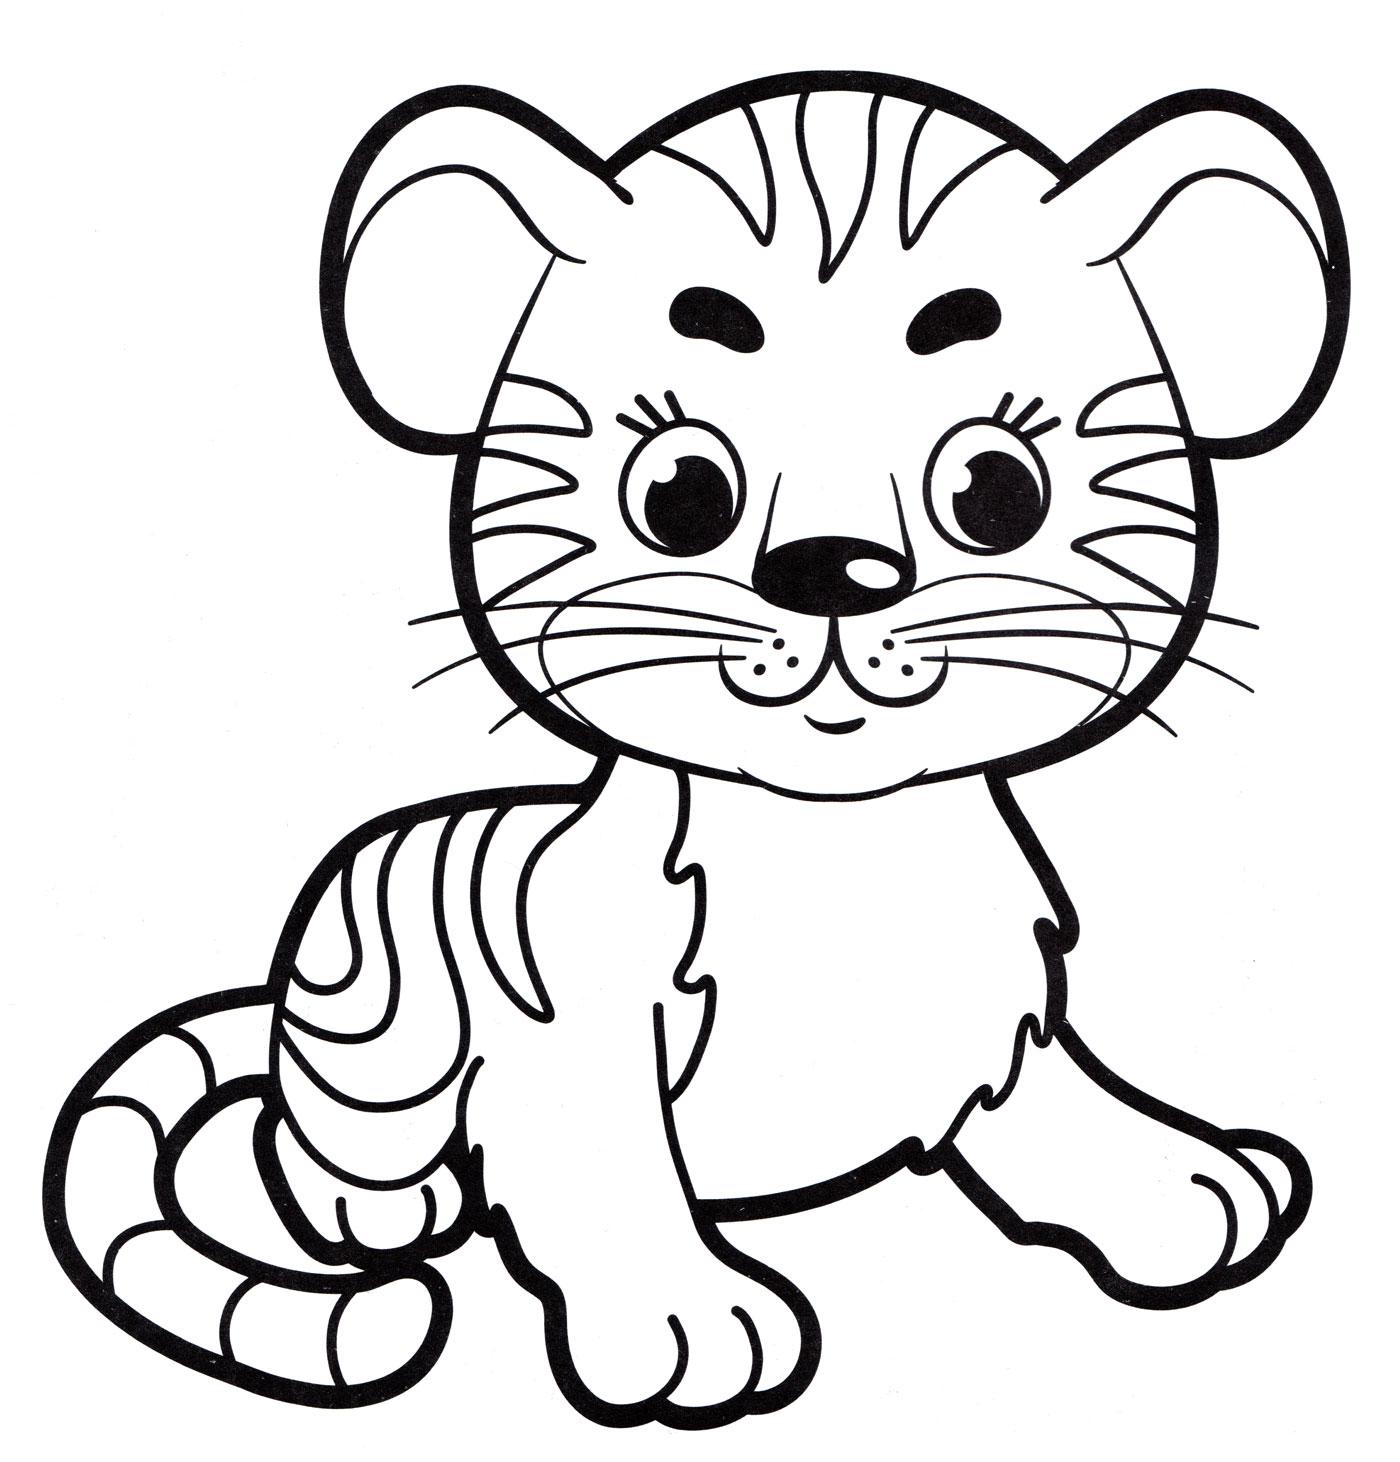 Раскраска Маленький тигр, распечатать бесплатно или скачать